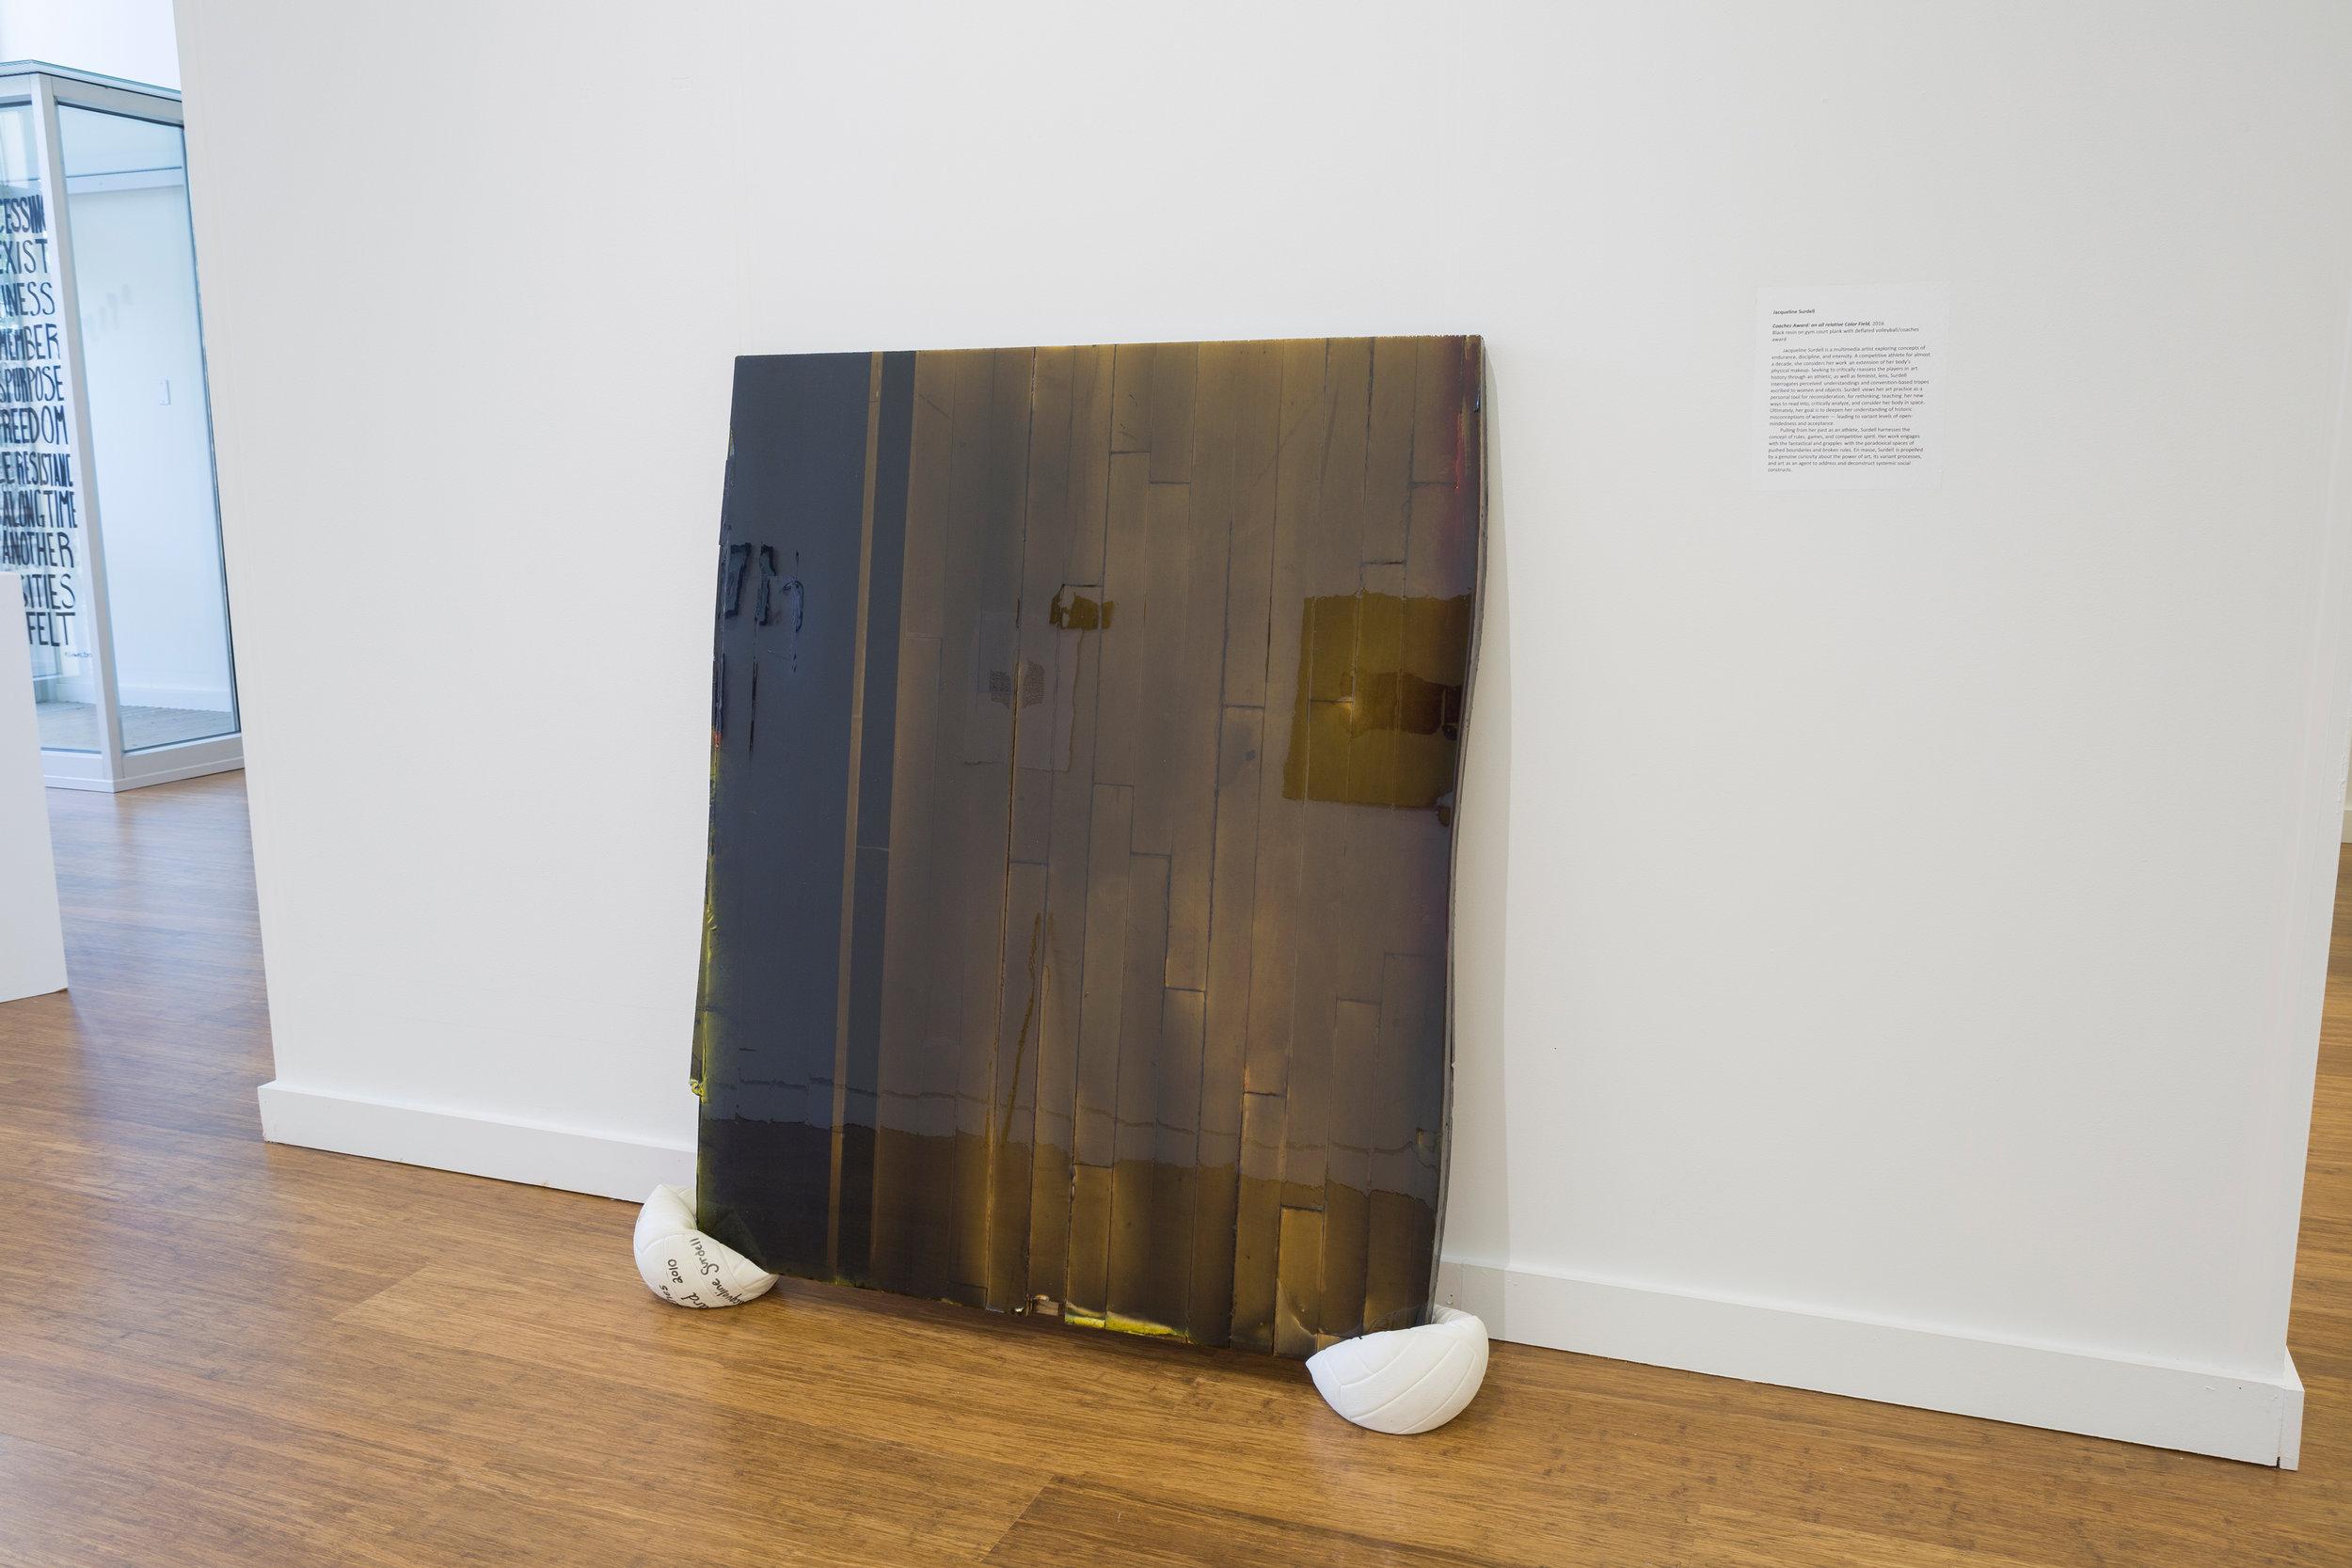 Jacqueline-Surdell-Artist-Sculpture-Coaches-Award-01.jpg